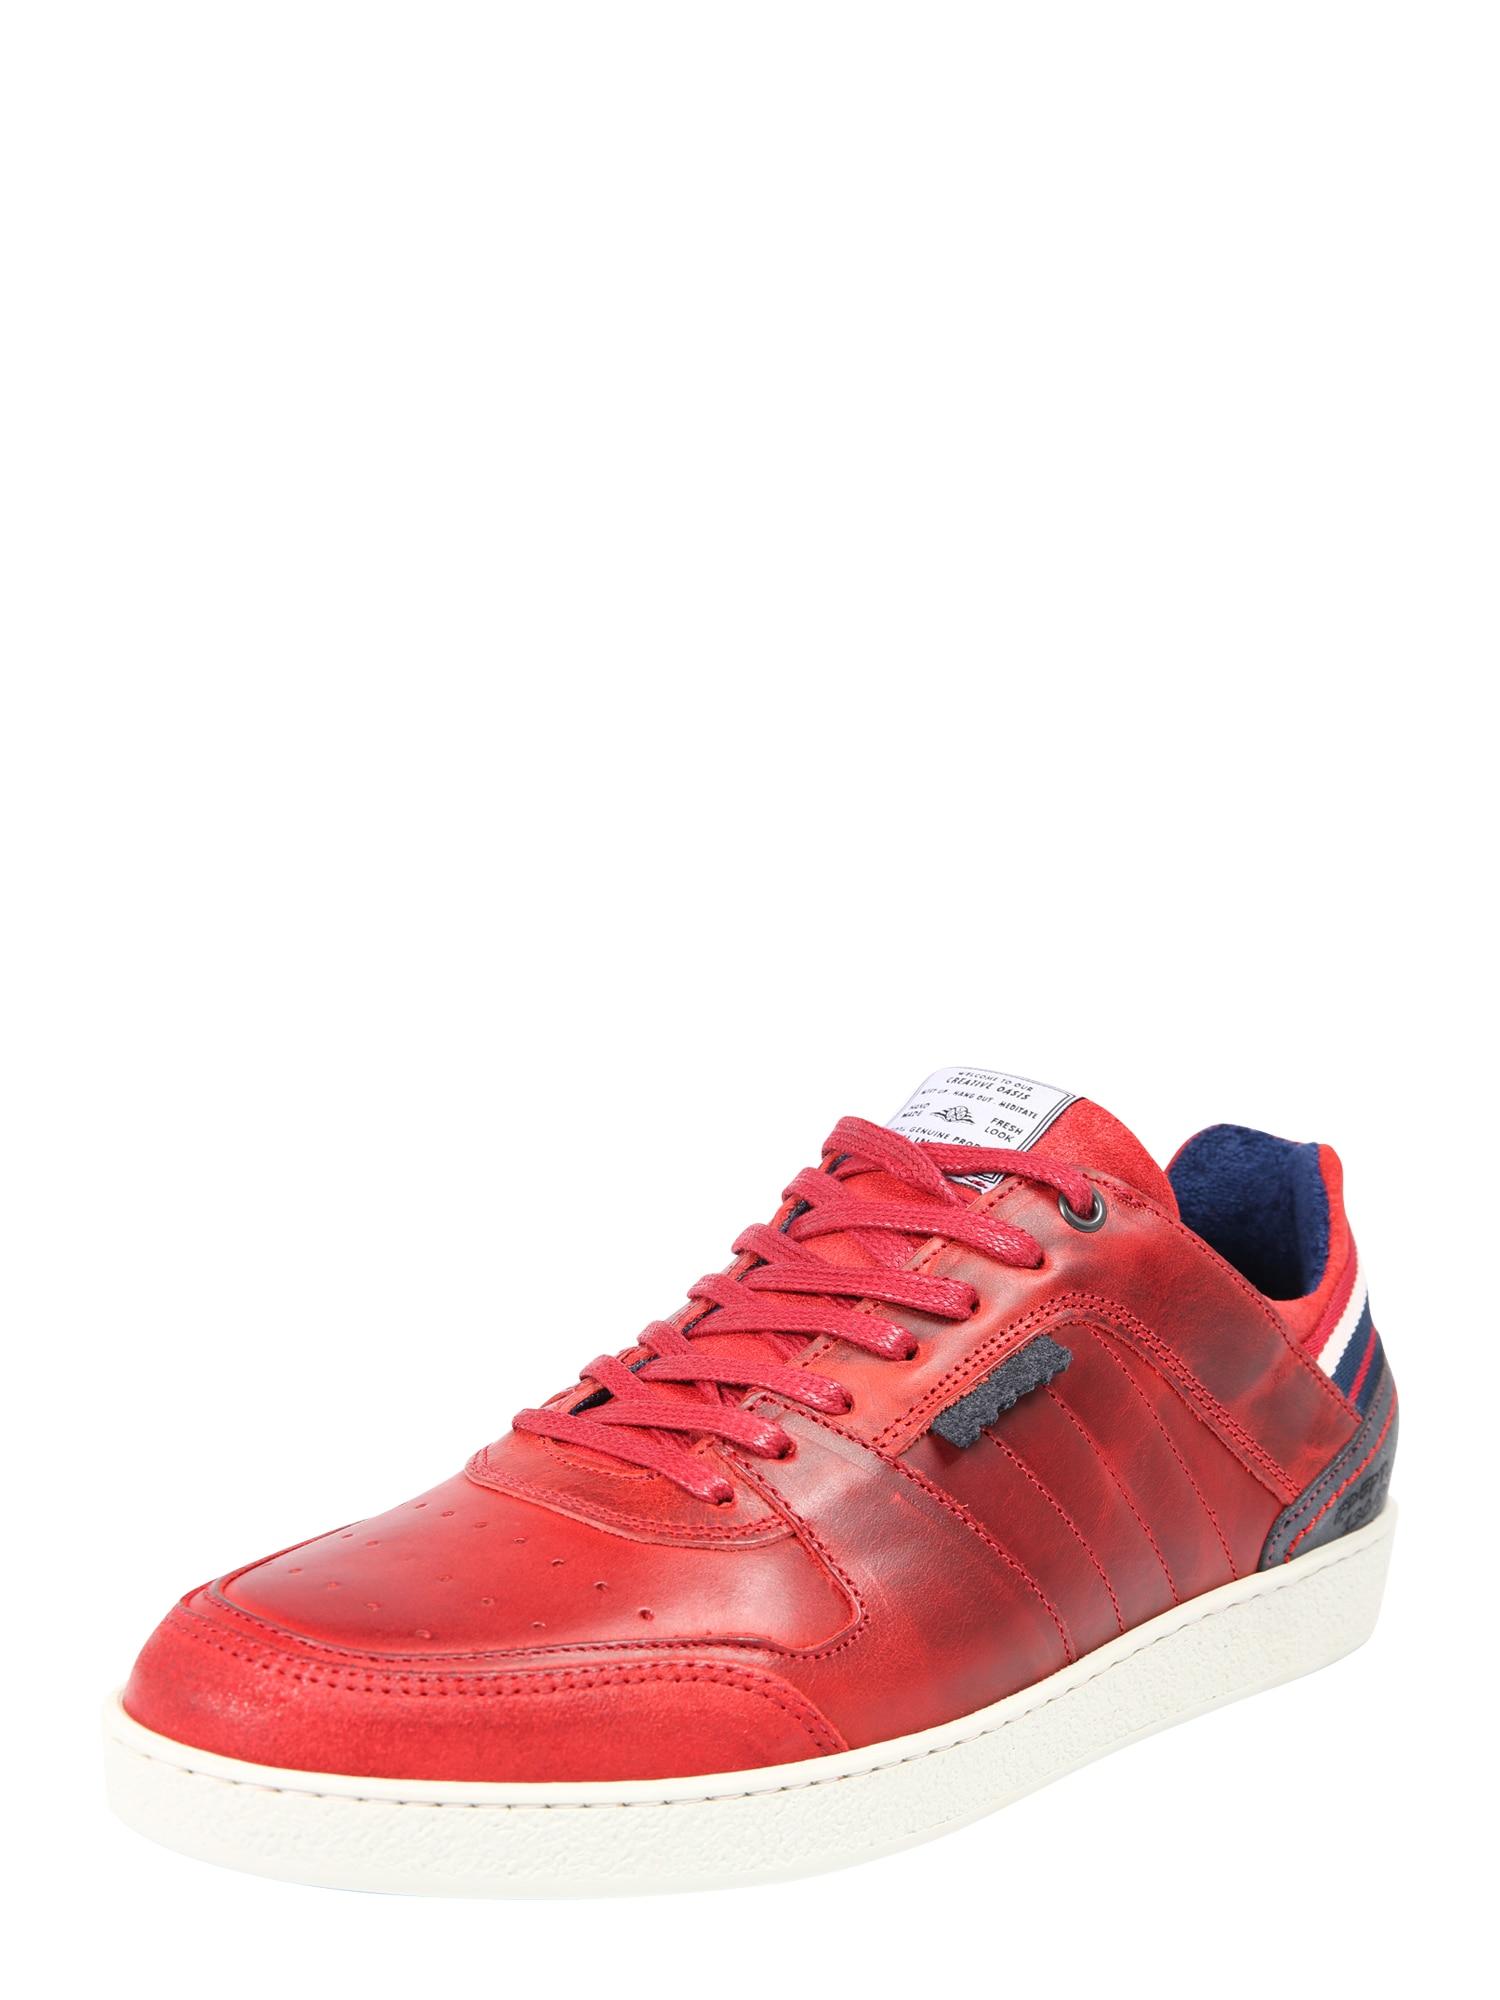 Tenisky modrá červená bílá BULLBOXER